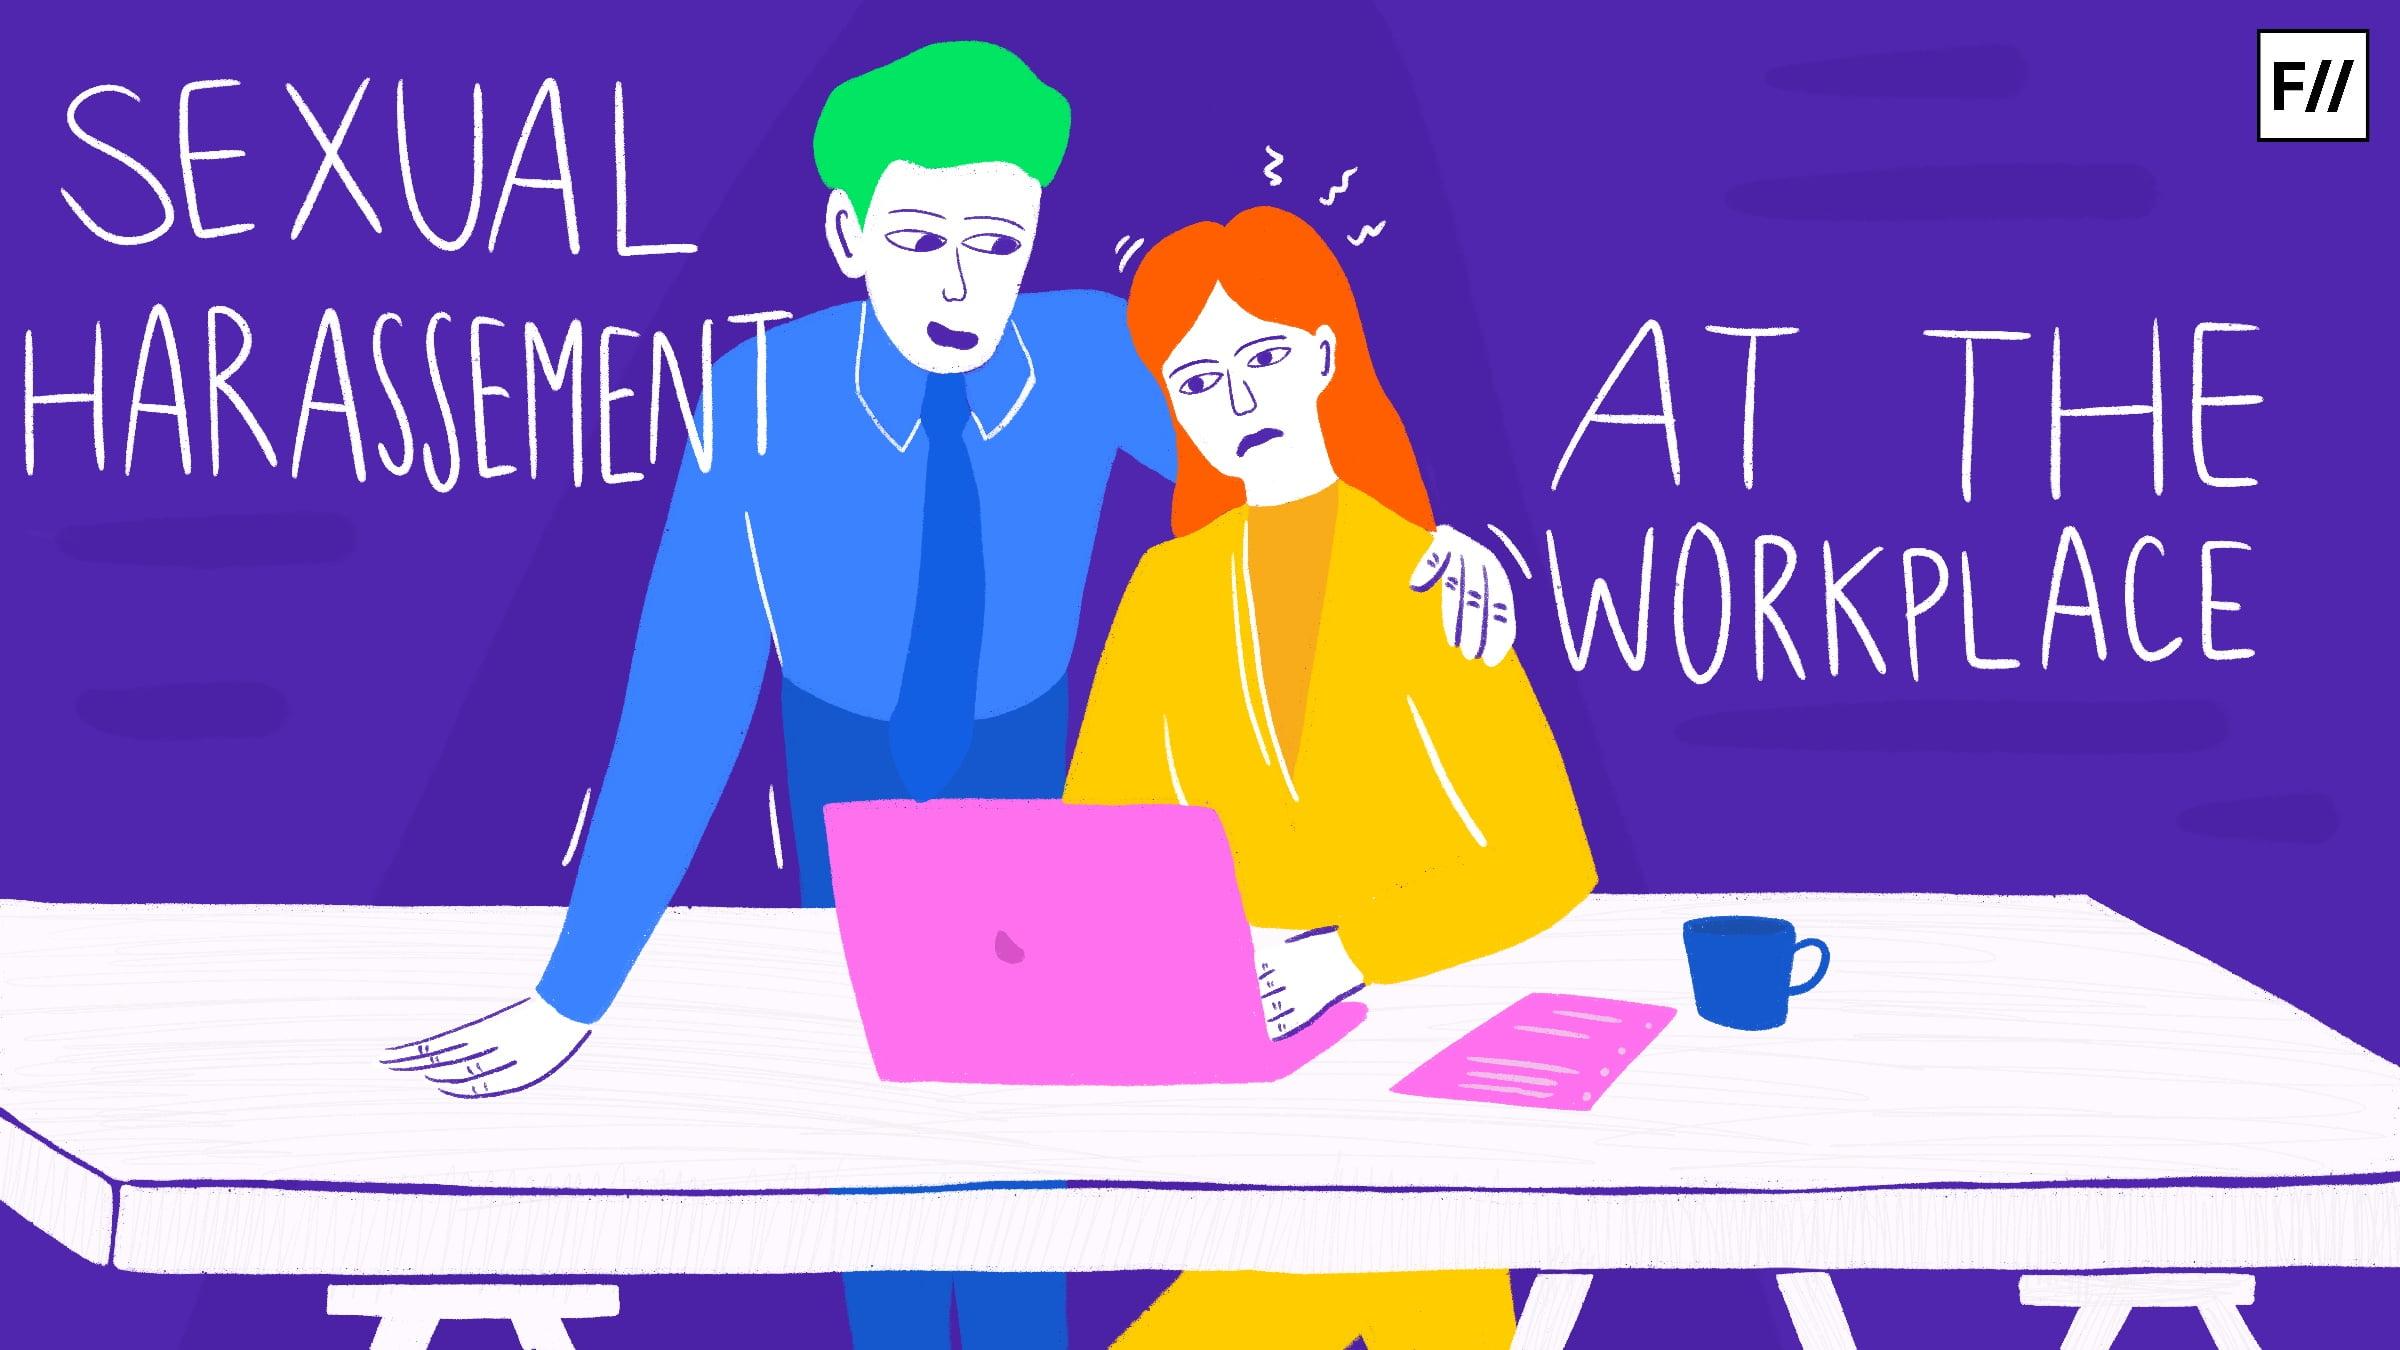 कार्यस्थल पर लैंगिक भेदभाव और यौन उत्पीड़न का सामना करती महिलाएं